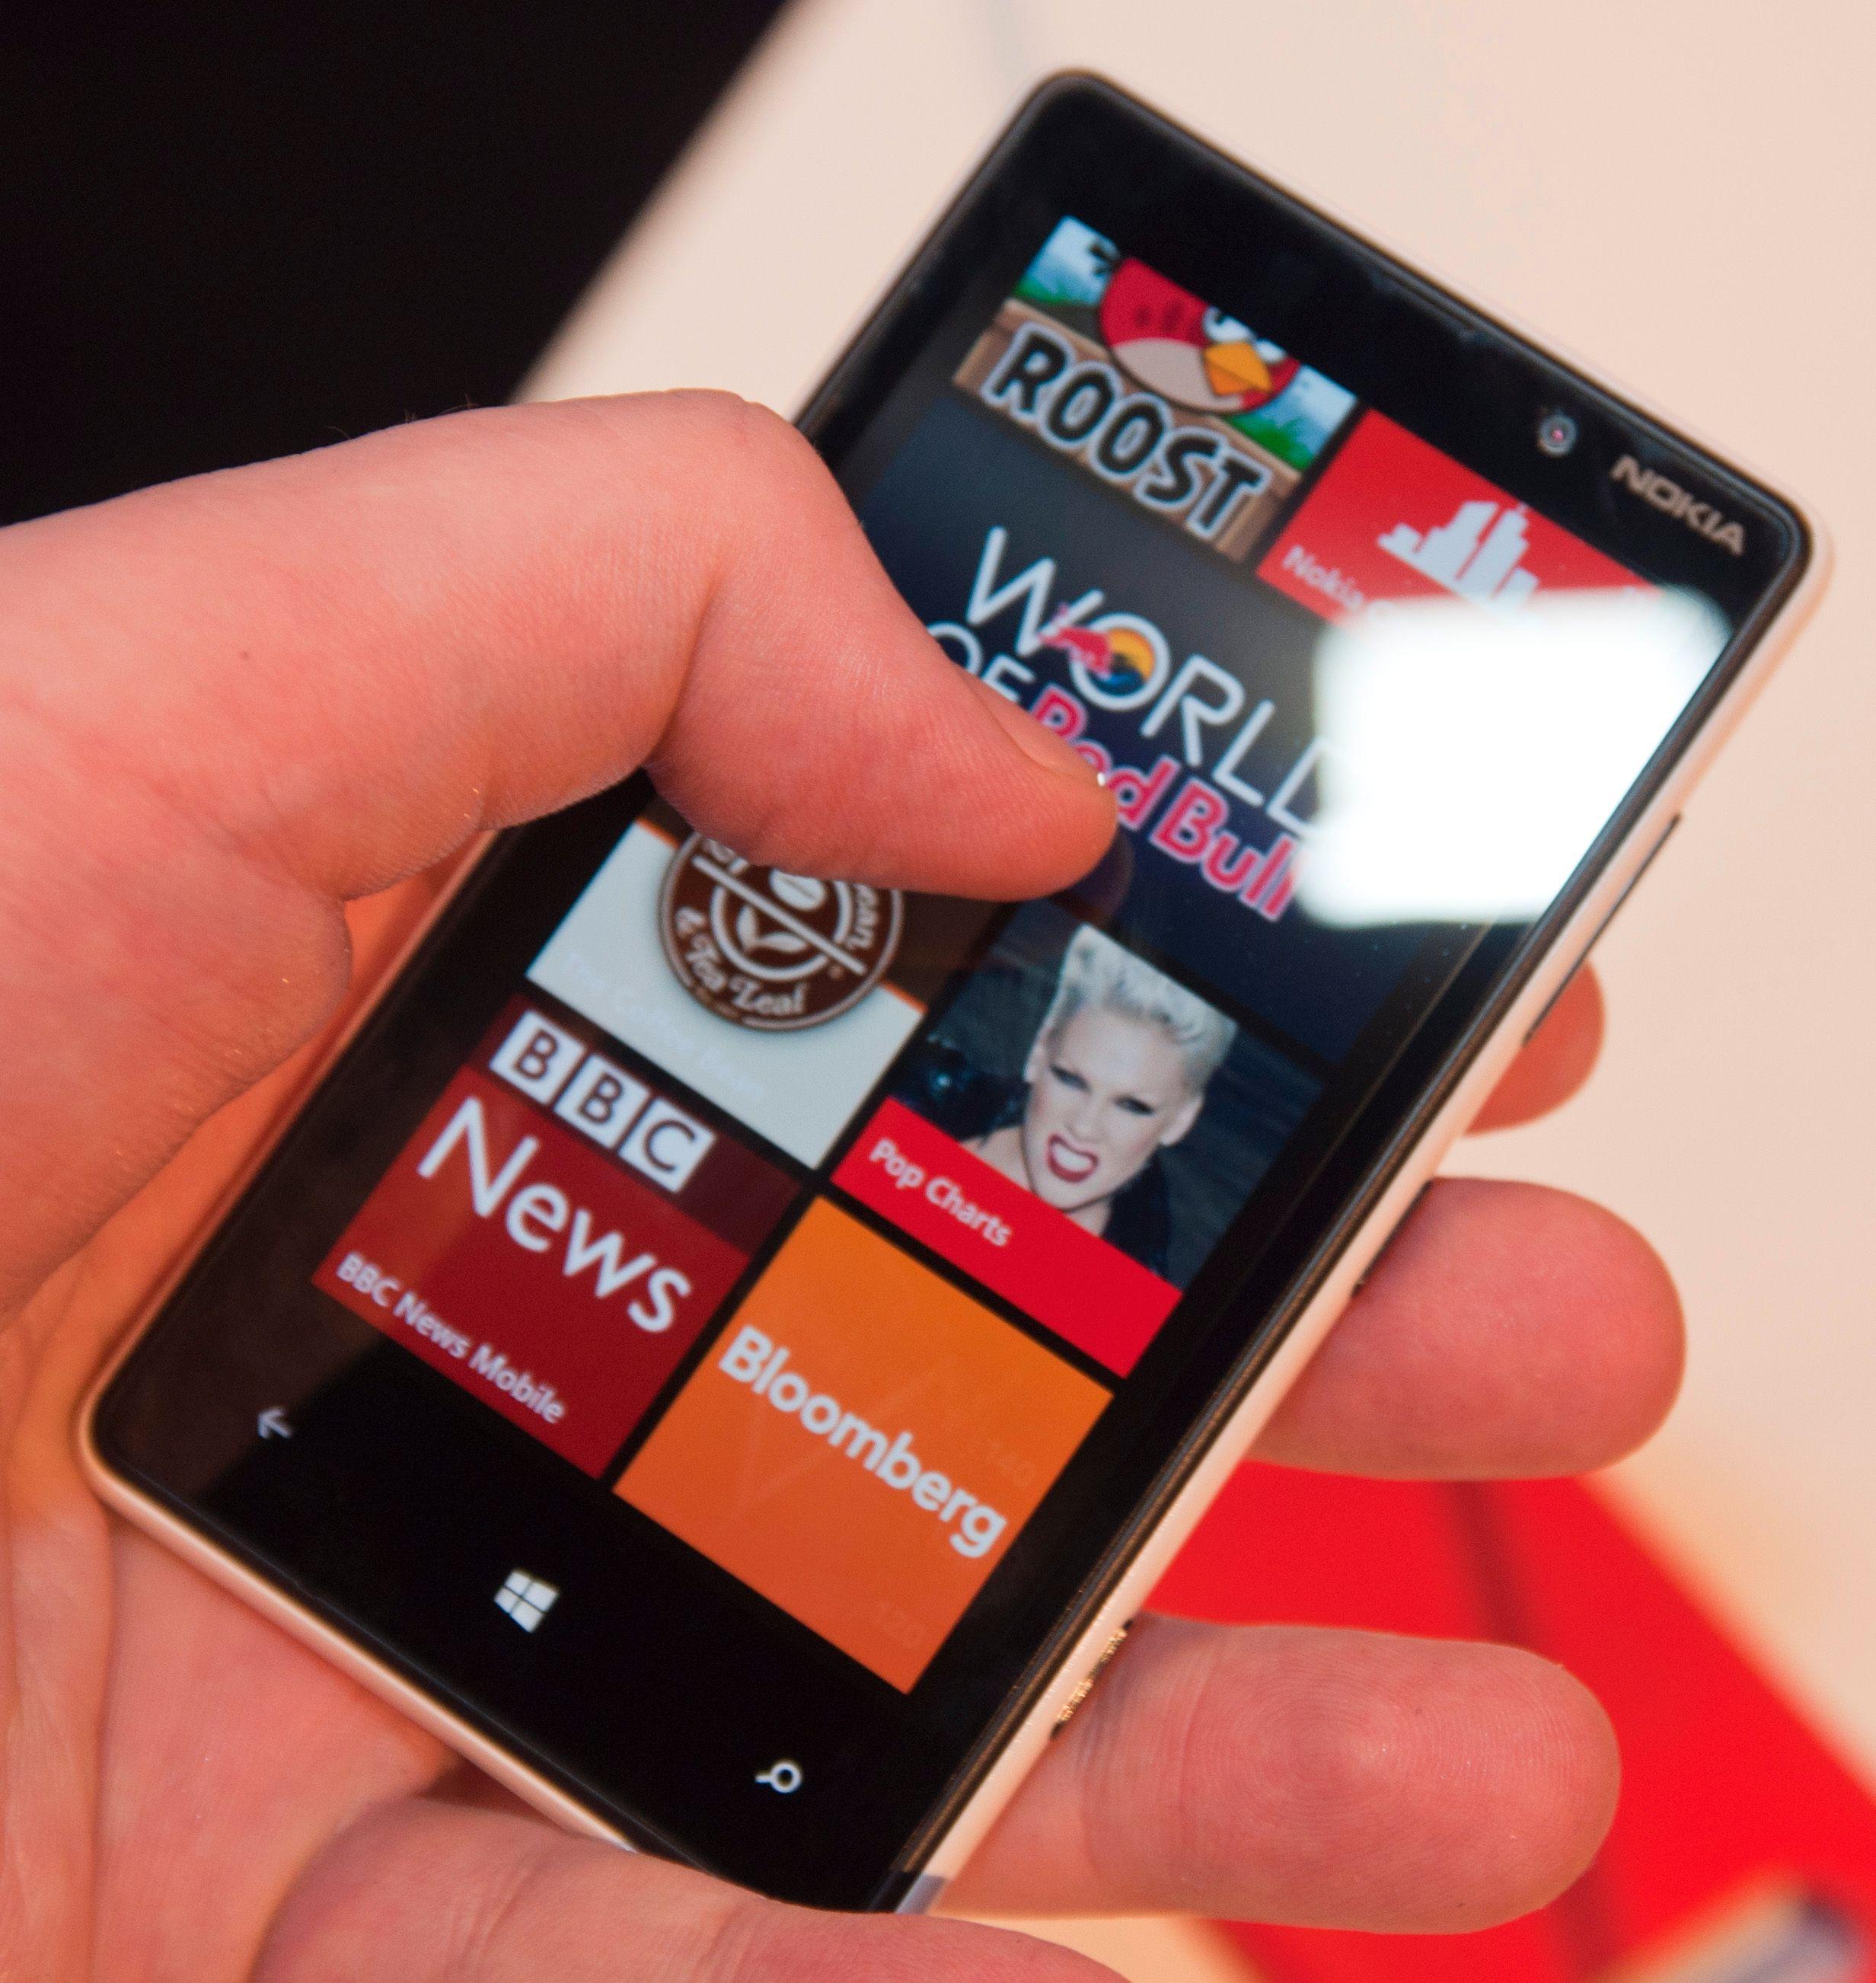 Menyene er svært responsive, akkurat slik de er på storebror Lumia 920.